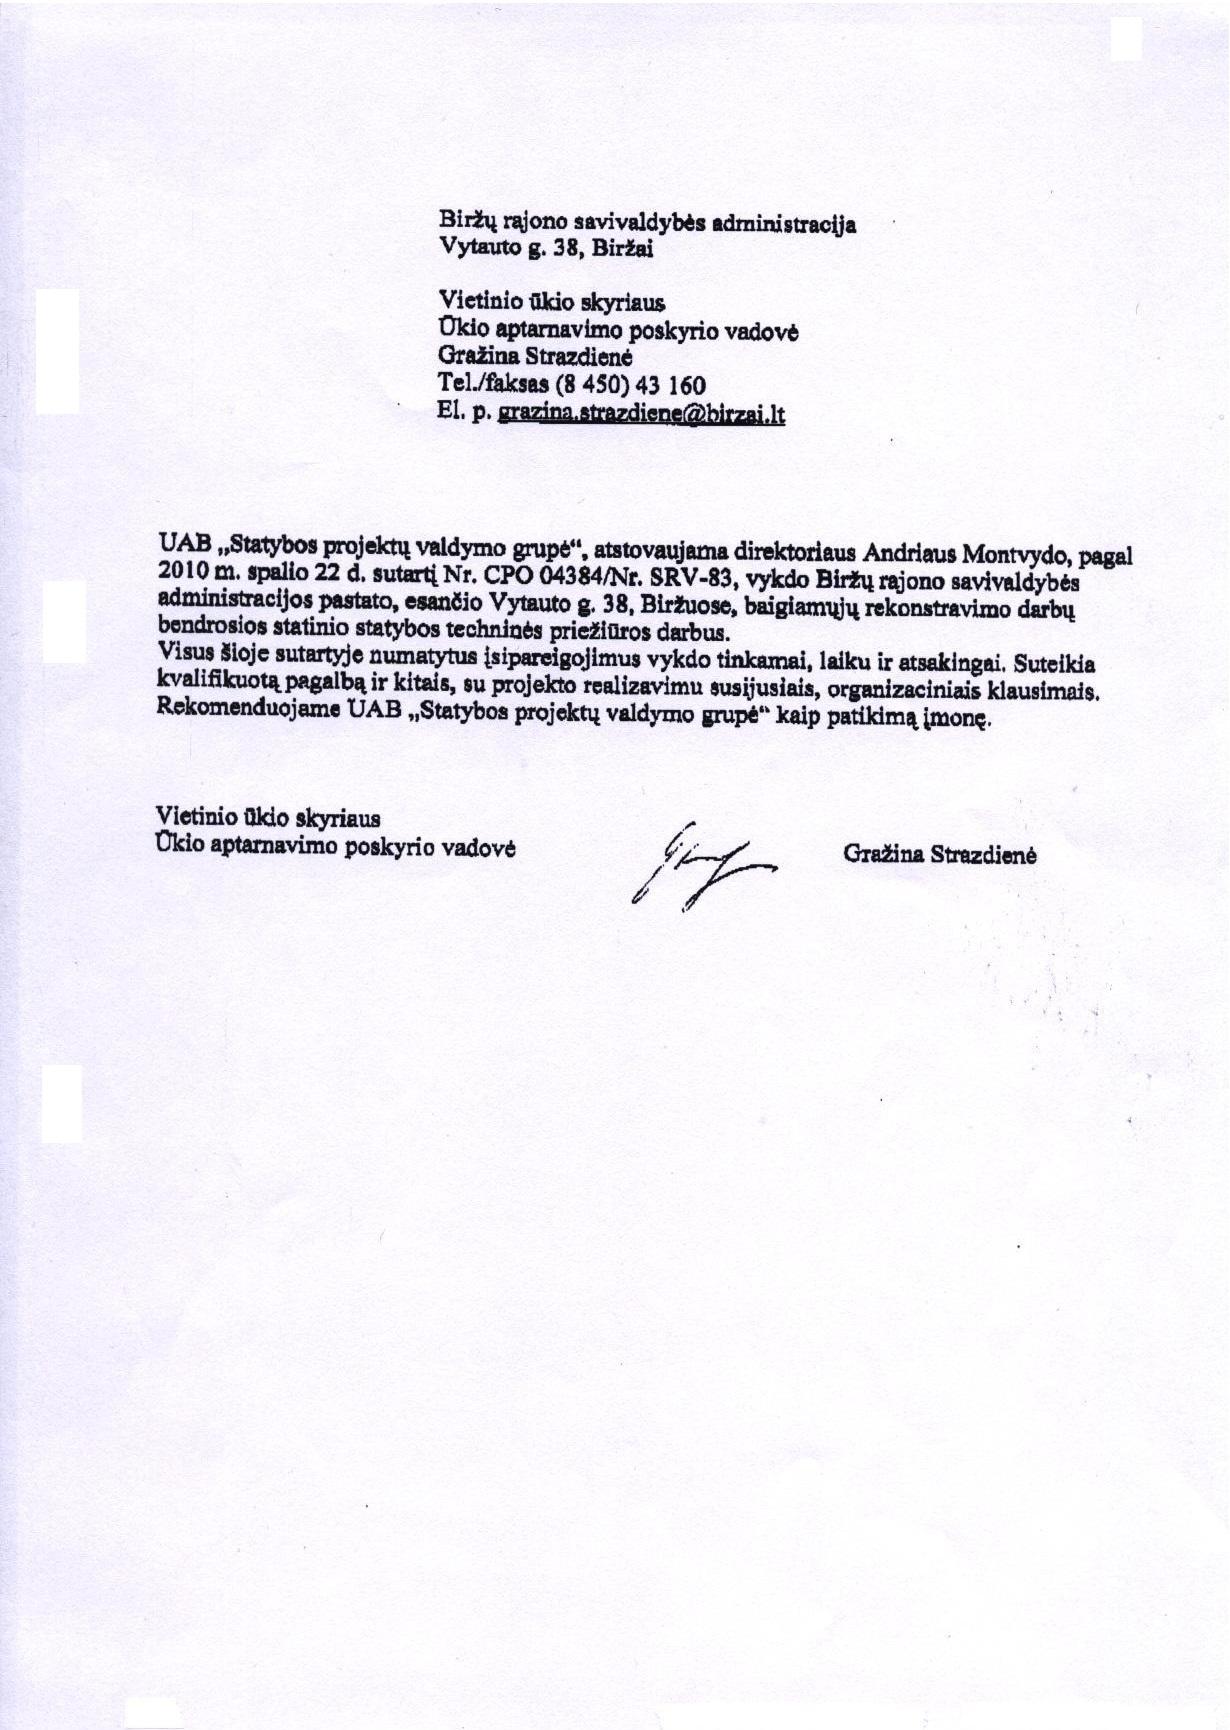 Biržų rajono savivaldybės administracija. Rekomendacija 2010-07-22